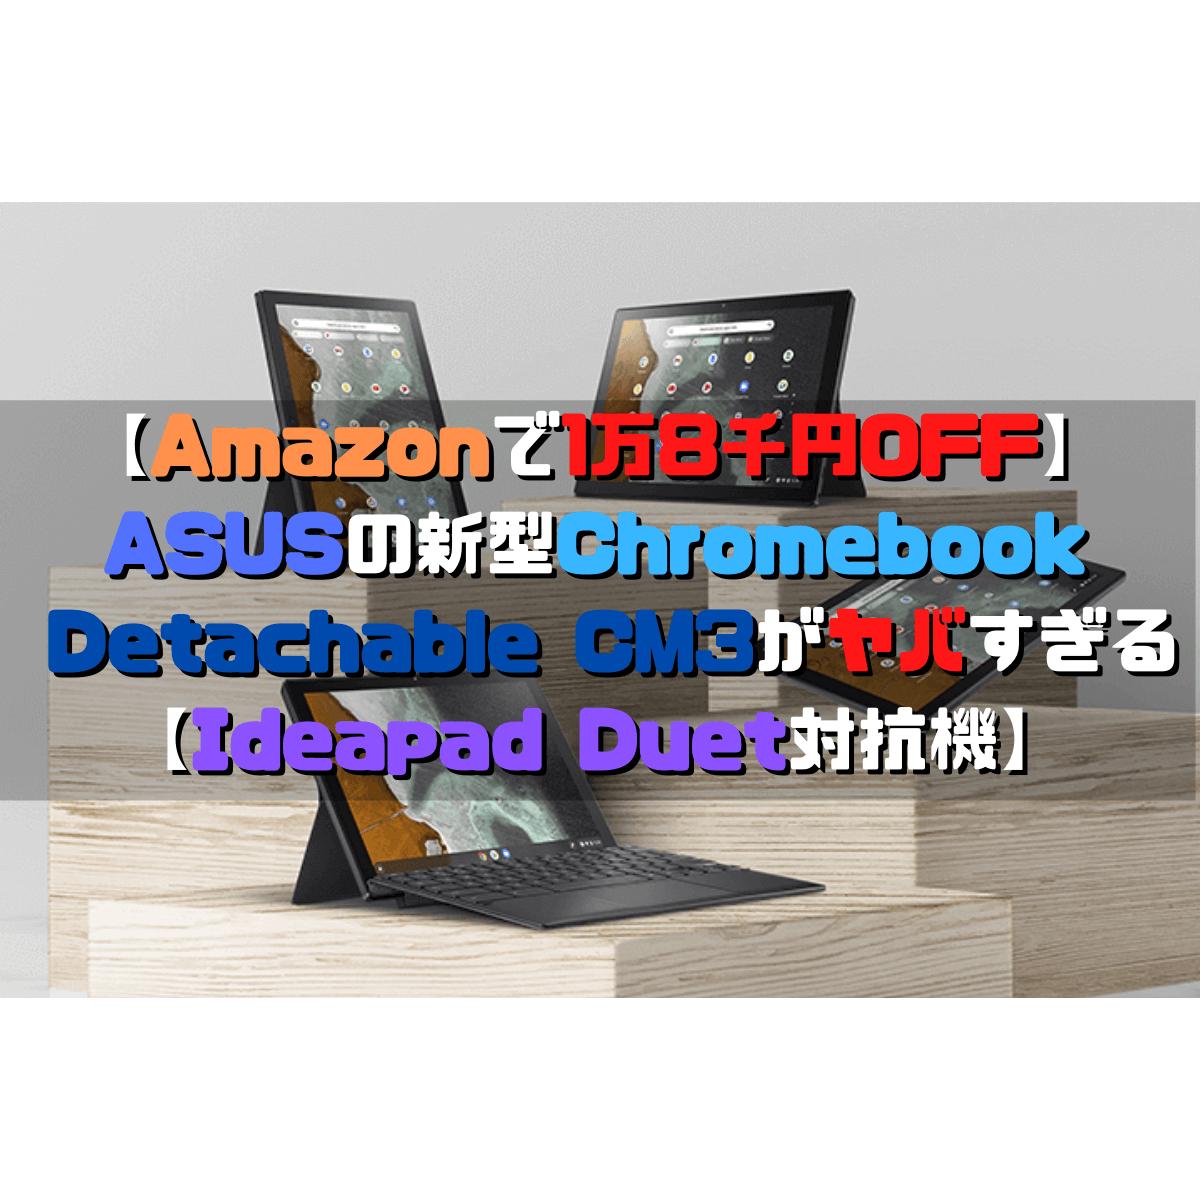 【Amazonで1万8千円OFF】ASUSの新型Chromebook Detachable CM3がヤバすぎる【Ideapad Duet対抗機】